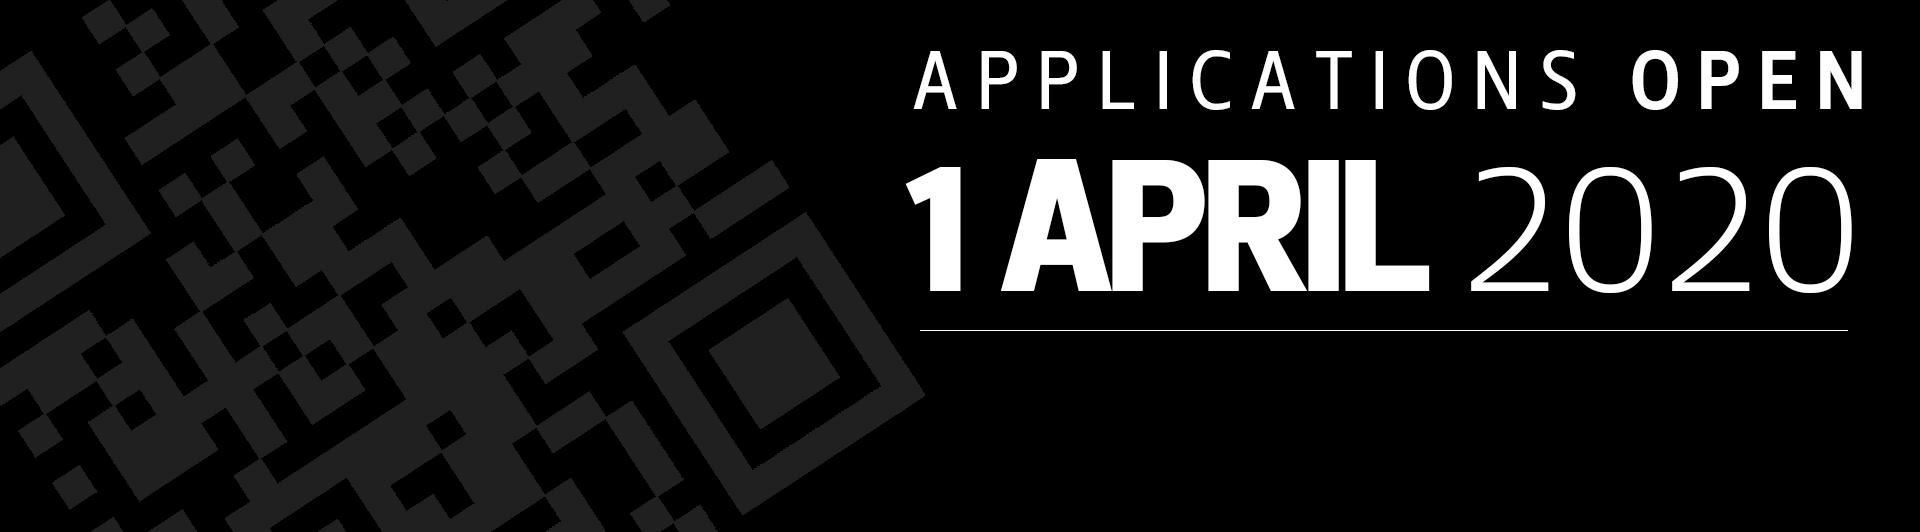 Applications Open Spotlight